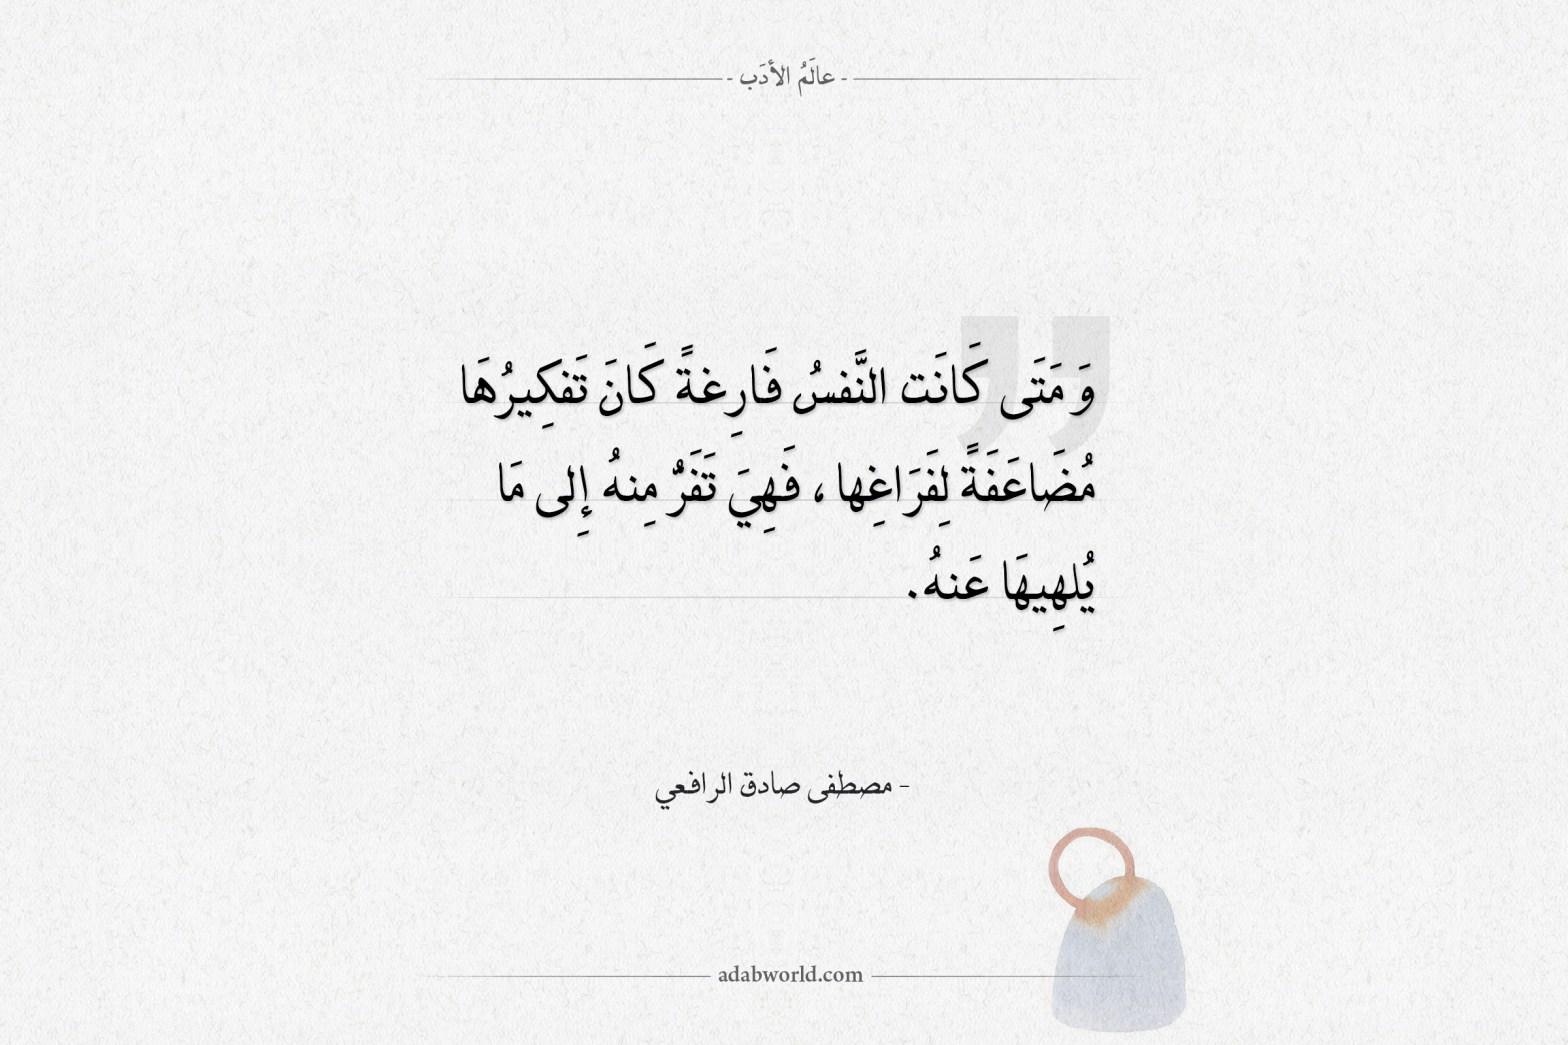 اقتباسات مصطفى صادق الرافعي النفس الفارغة